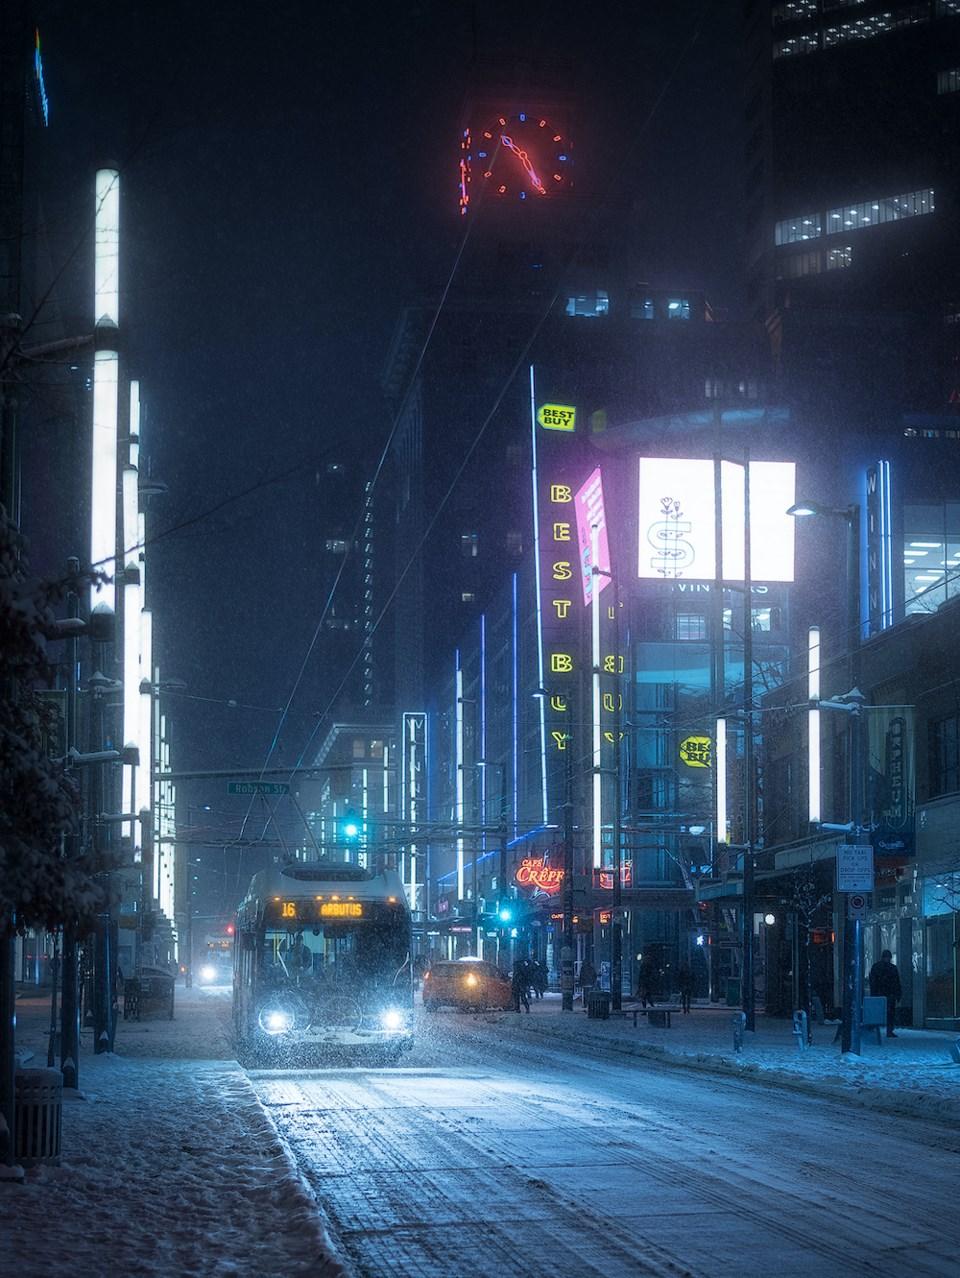 Vancouver-snowy-Granville-2019